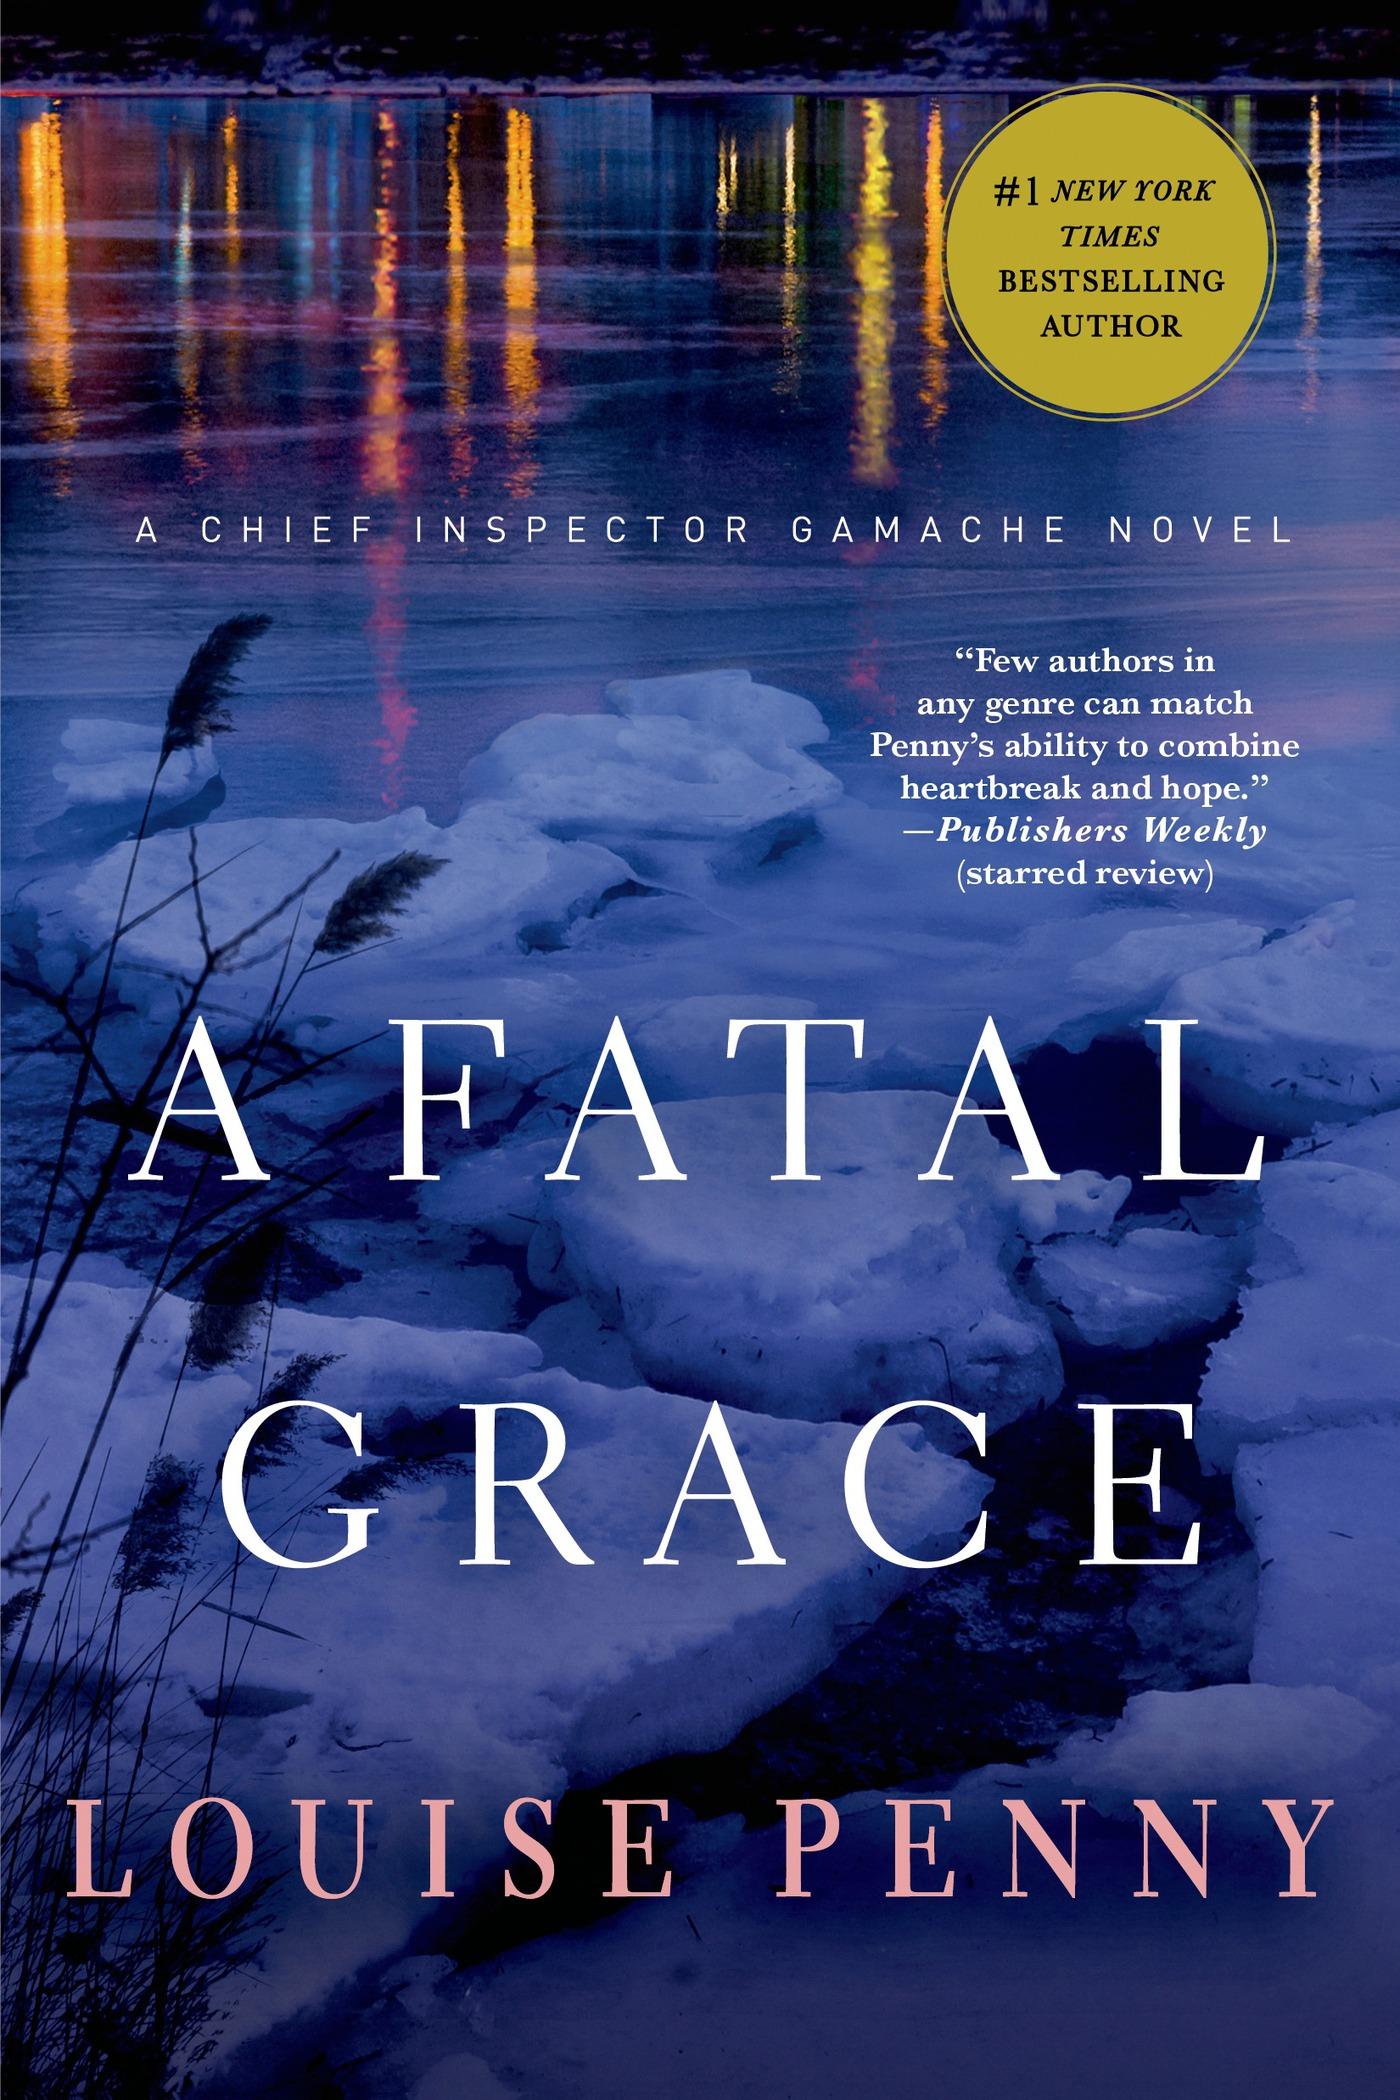 A fatal grace cover image